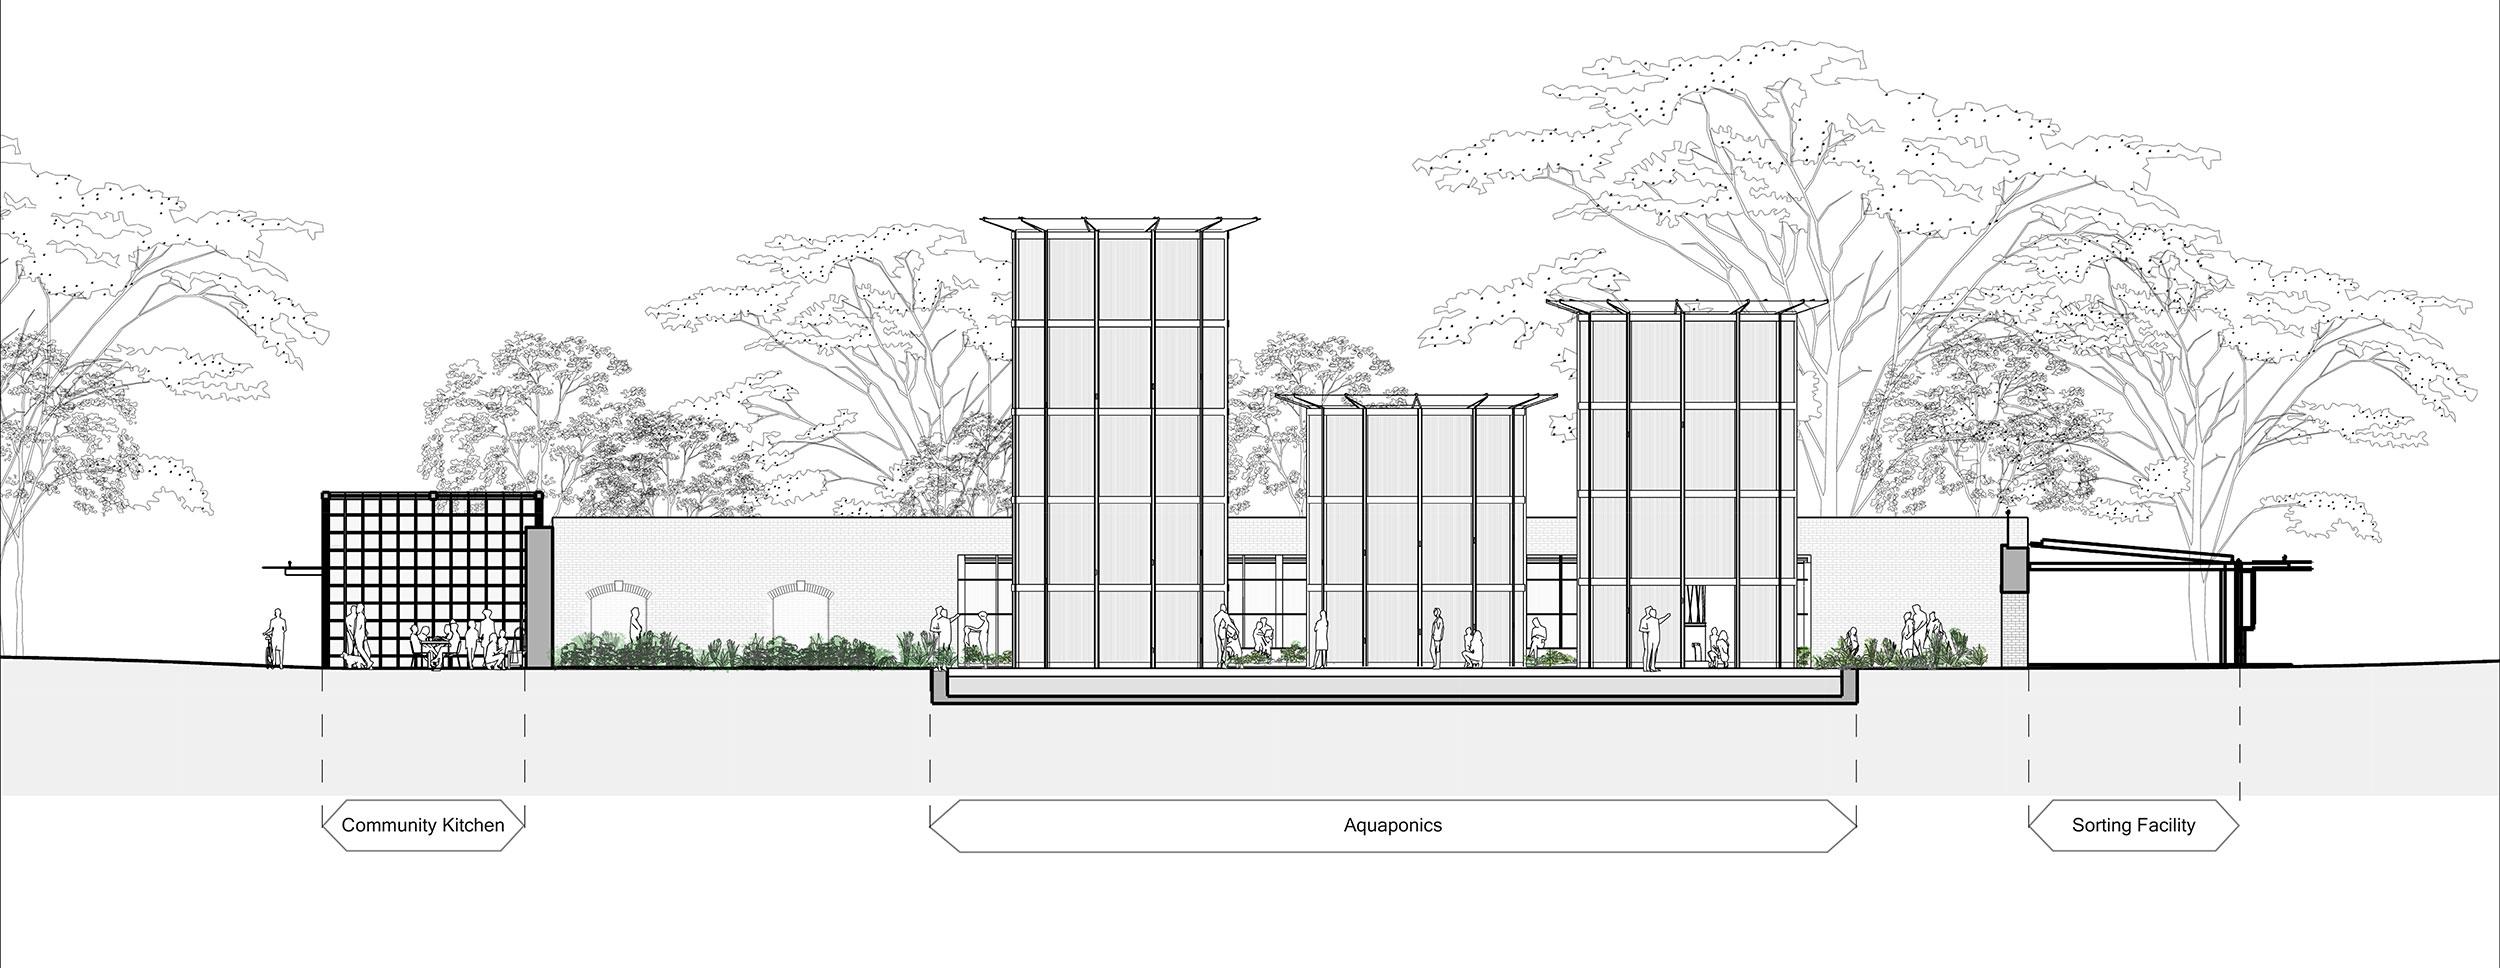 Long section through education facilities, revealing the courtyard as a hidden garden